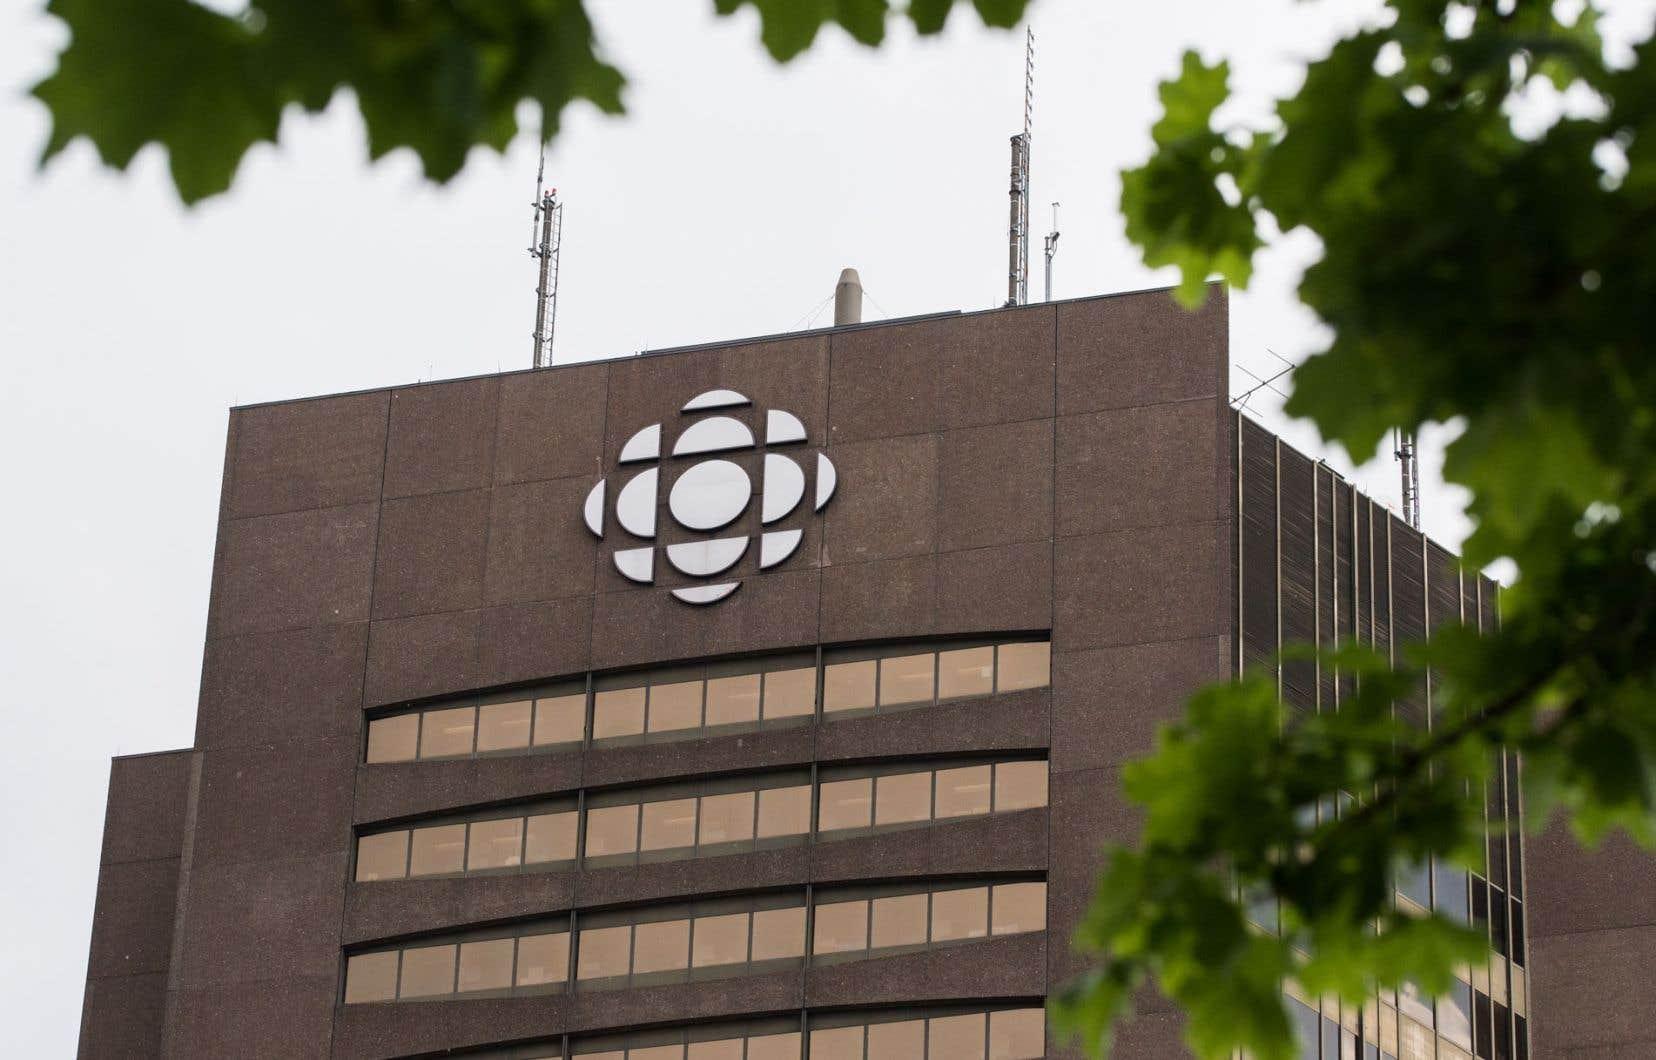 Radio-Canada s'est dit favorable à l'octroi d'une aide du gouvernement québécois aux médias en difficulté, sous conditions.